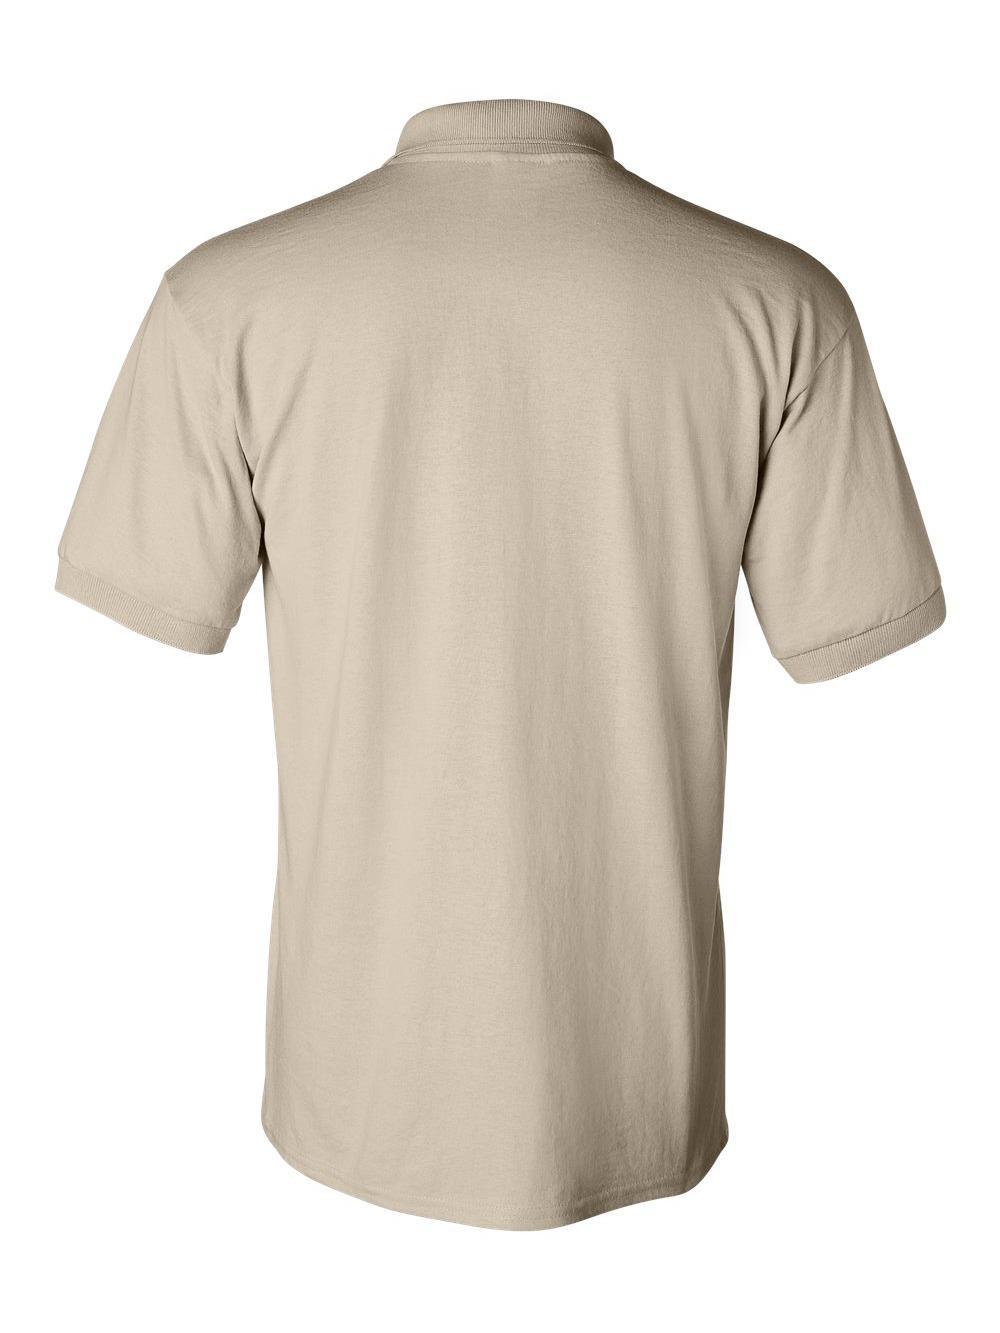 Gildan-DryBlend-Jersey-Sport-Shirt-8800 thumbnail 73